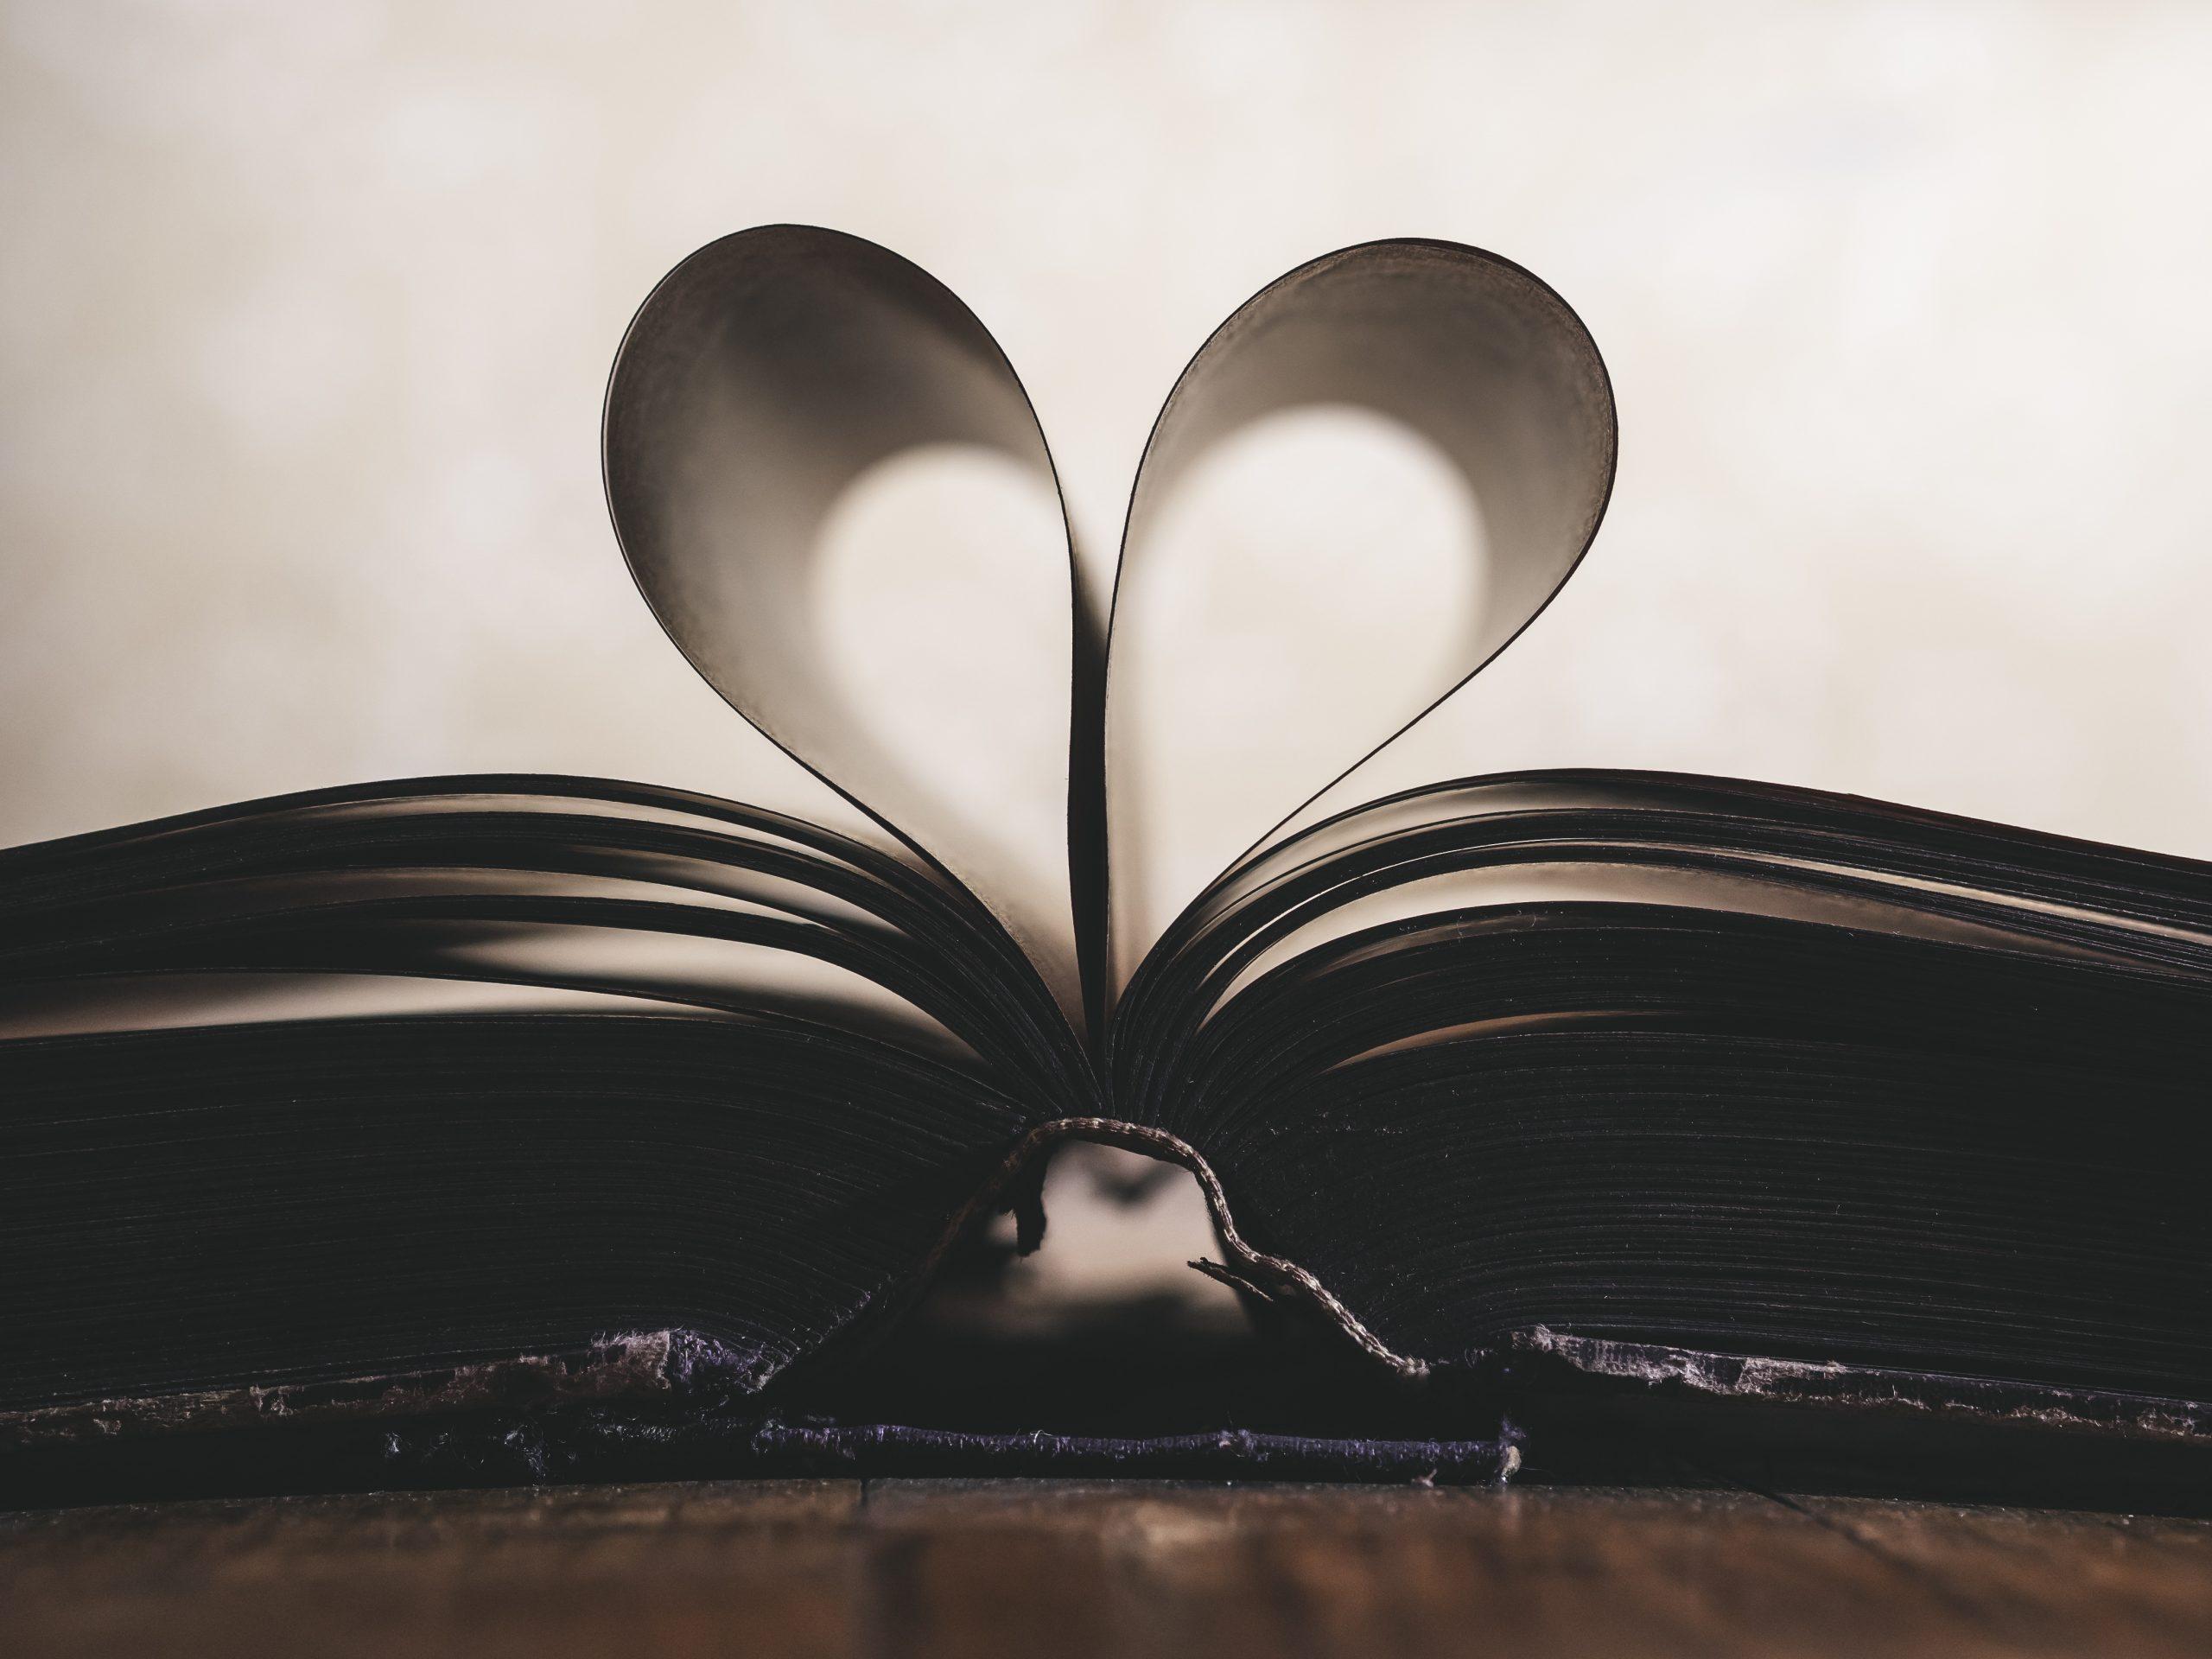 Ein Buch liegt offen auf einem Tisch, man sieht es im Profil. Zwei Seiten bliden ein Herz.